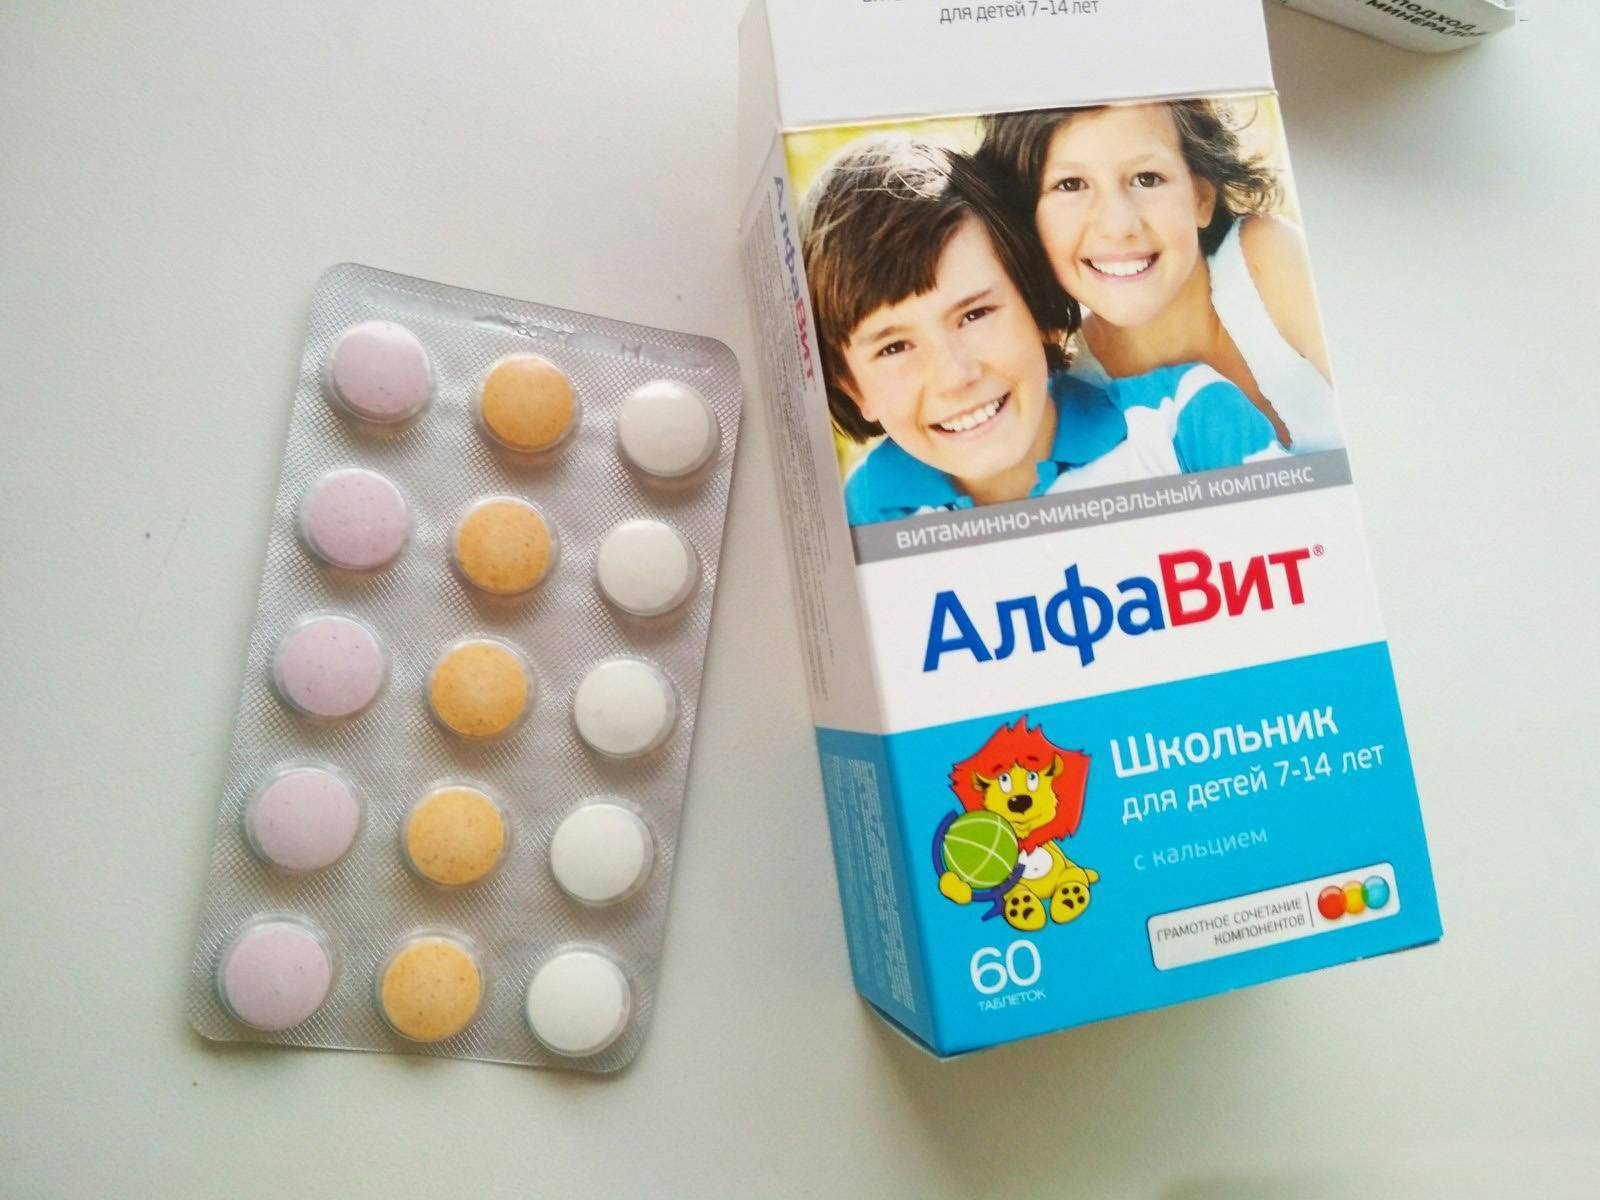 Лучшие витамины для детей от 2 лет на iherb